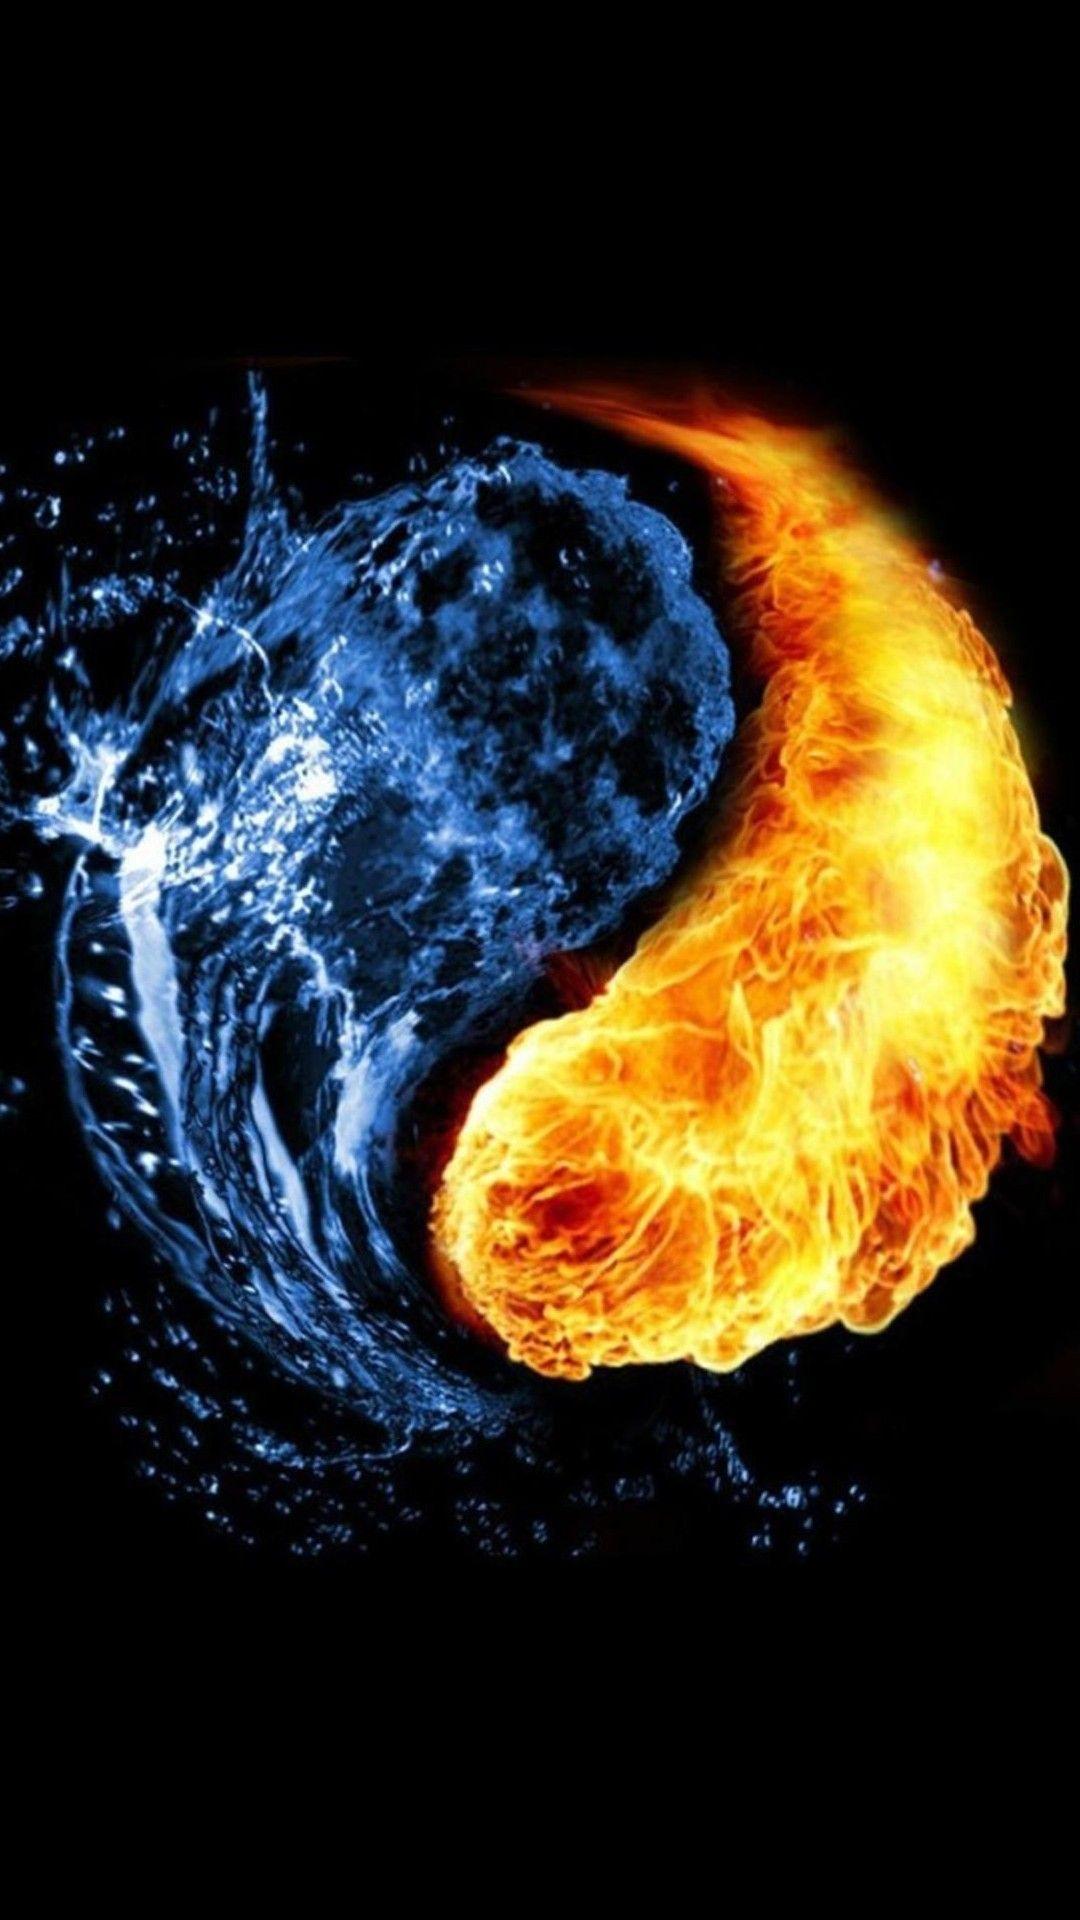 Yin yang iphone wallpaper - Fire Water Yin Yang You And Me